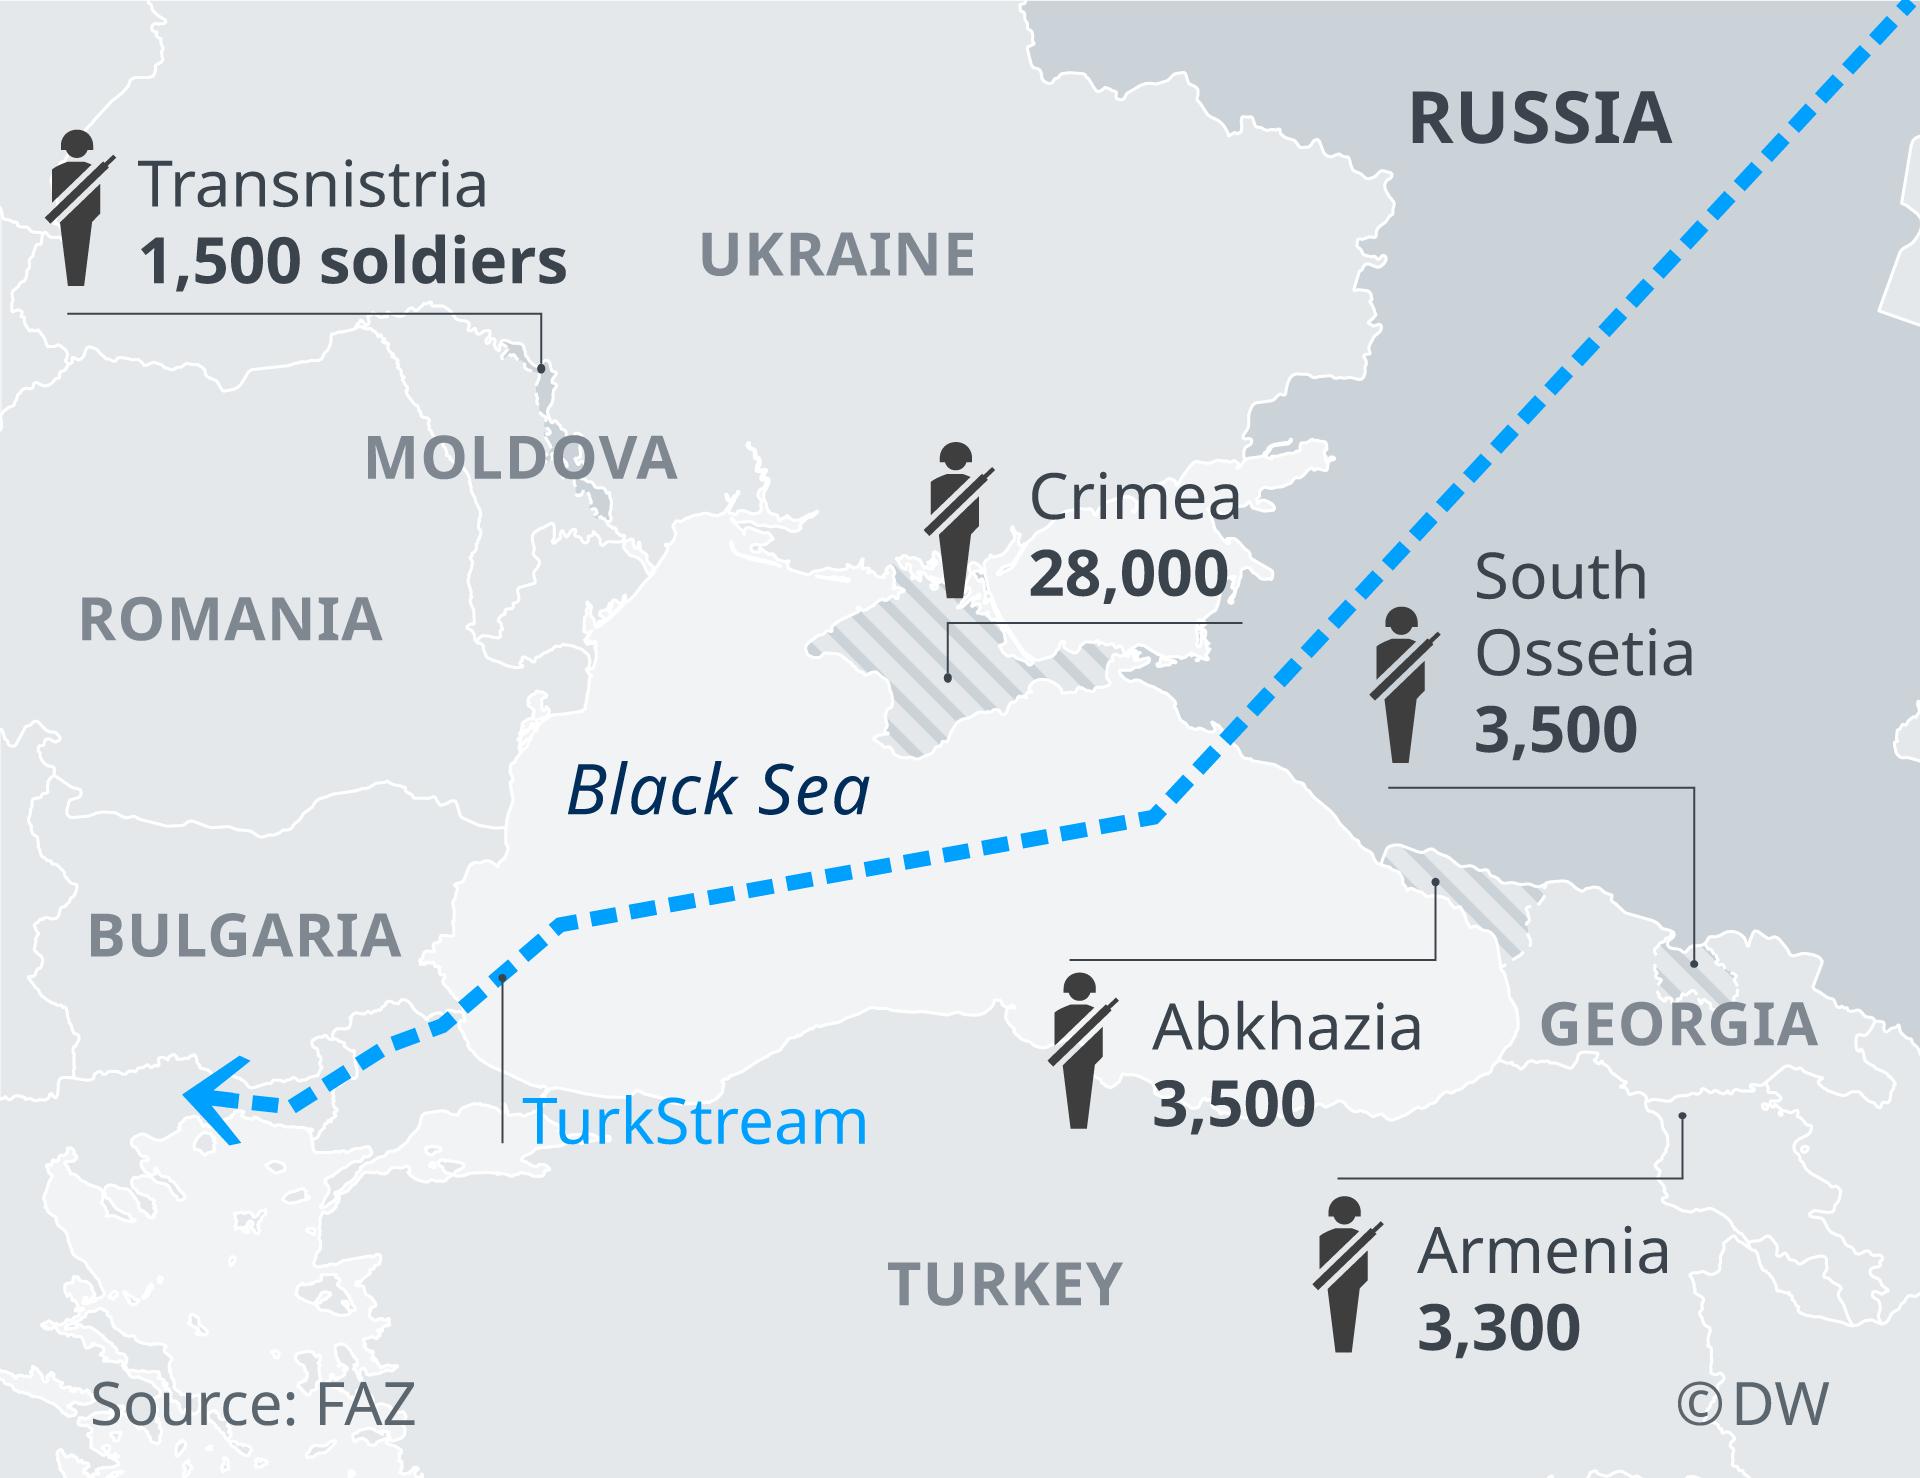 Η Μόσχα ξεκίνησε την προμήθεια φυσικού αερίου σε Ελλάδα, Βουλγαρία & Σκόπια μέσω του αγωγού «TurkStream»